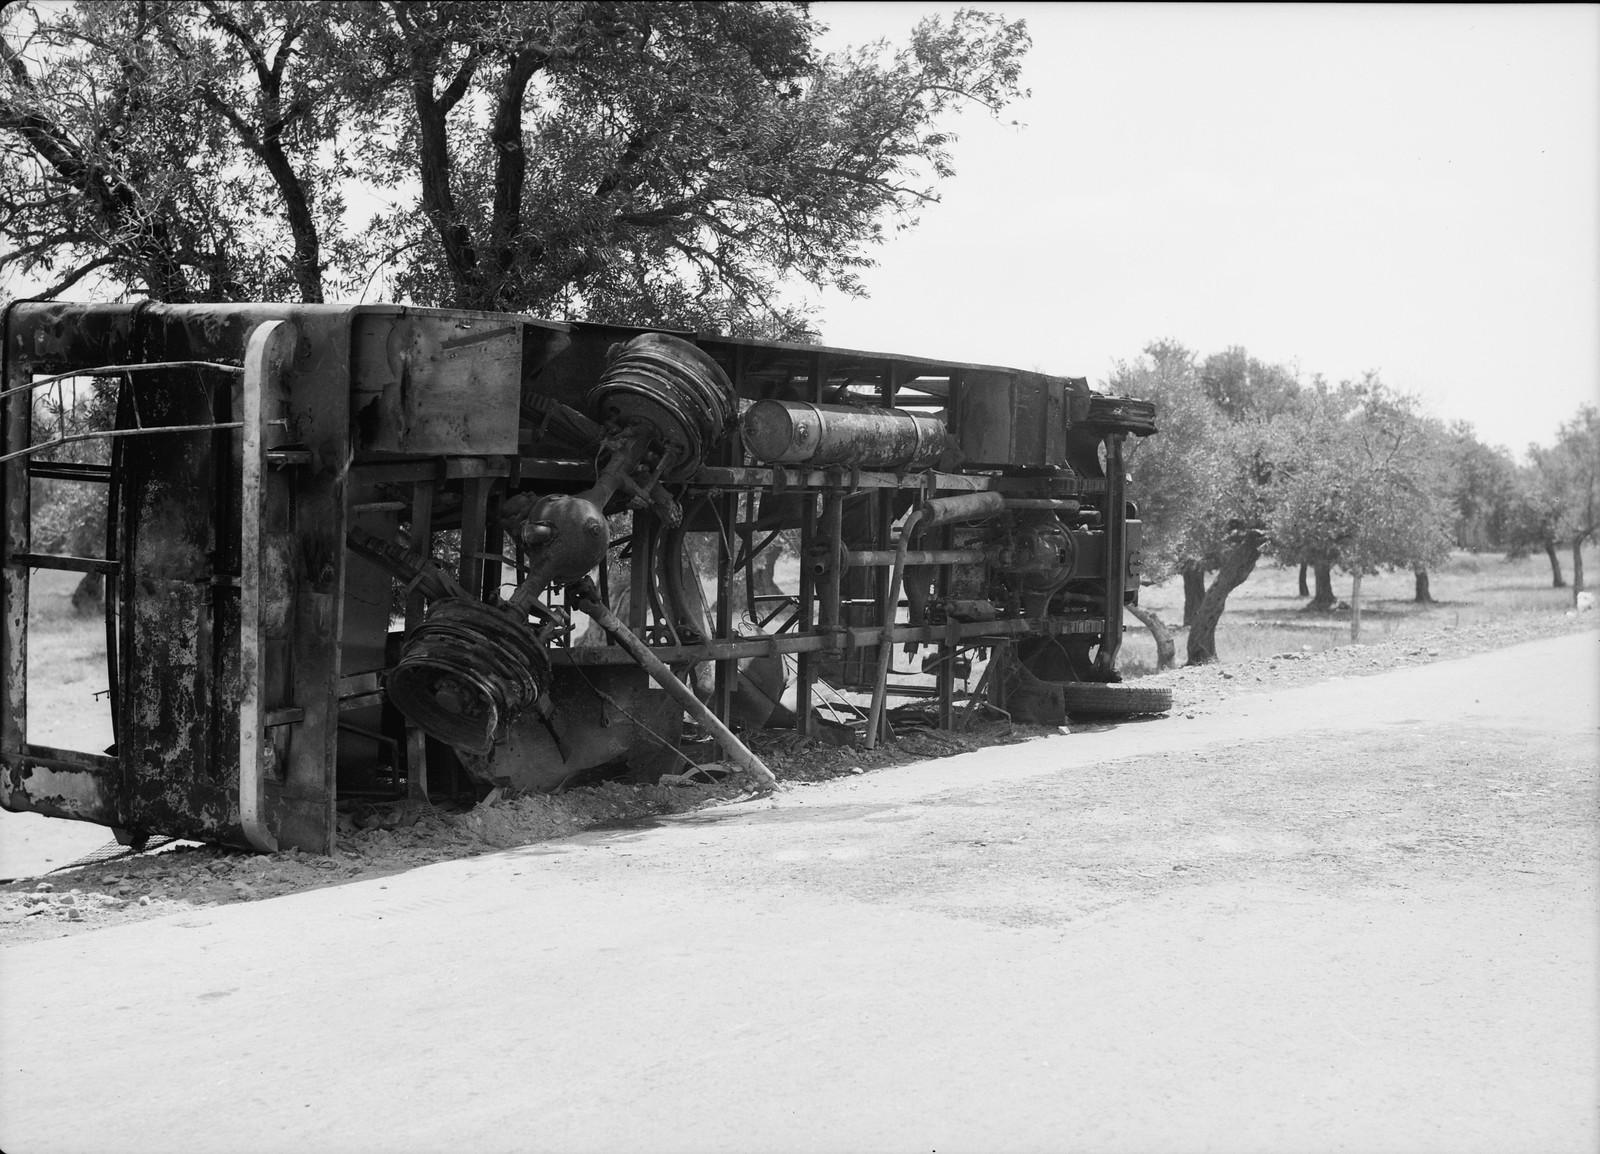 01. Арабский террор. Остатки сгоревшего еврейского пассажирского автобуса возле деревни Балад аш-Шейх недалеко от Хайфы